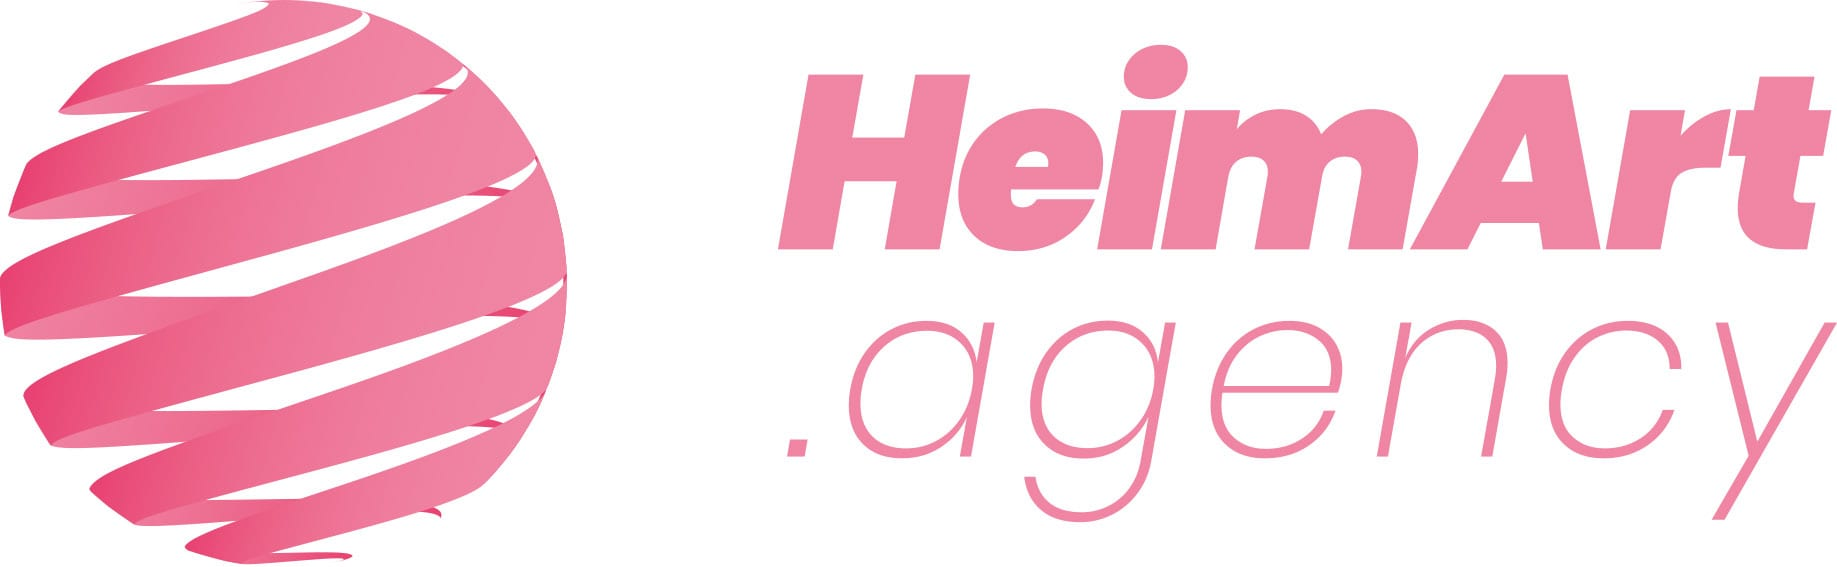 HeimArt Medienagentur Werbeagentur Webdesign Design Unternehmensberatung Eichsfeld